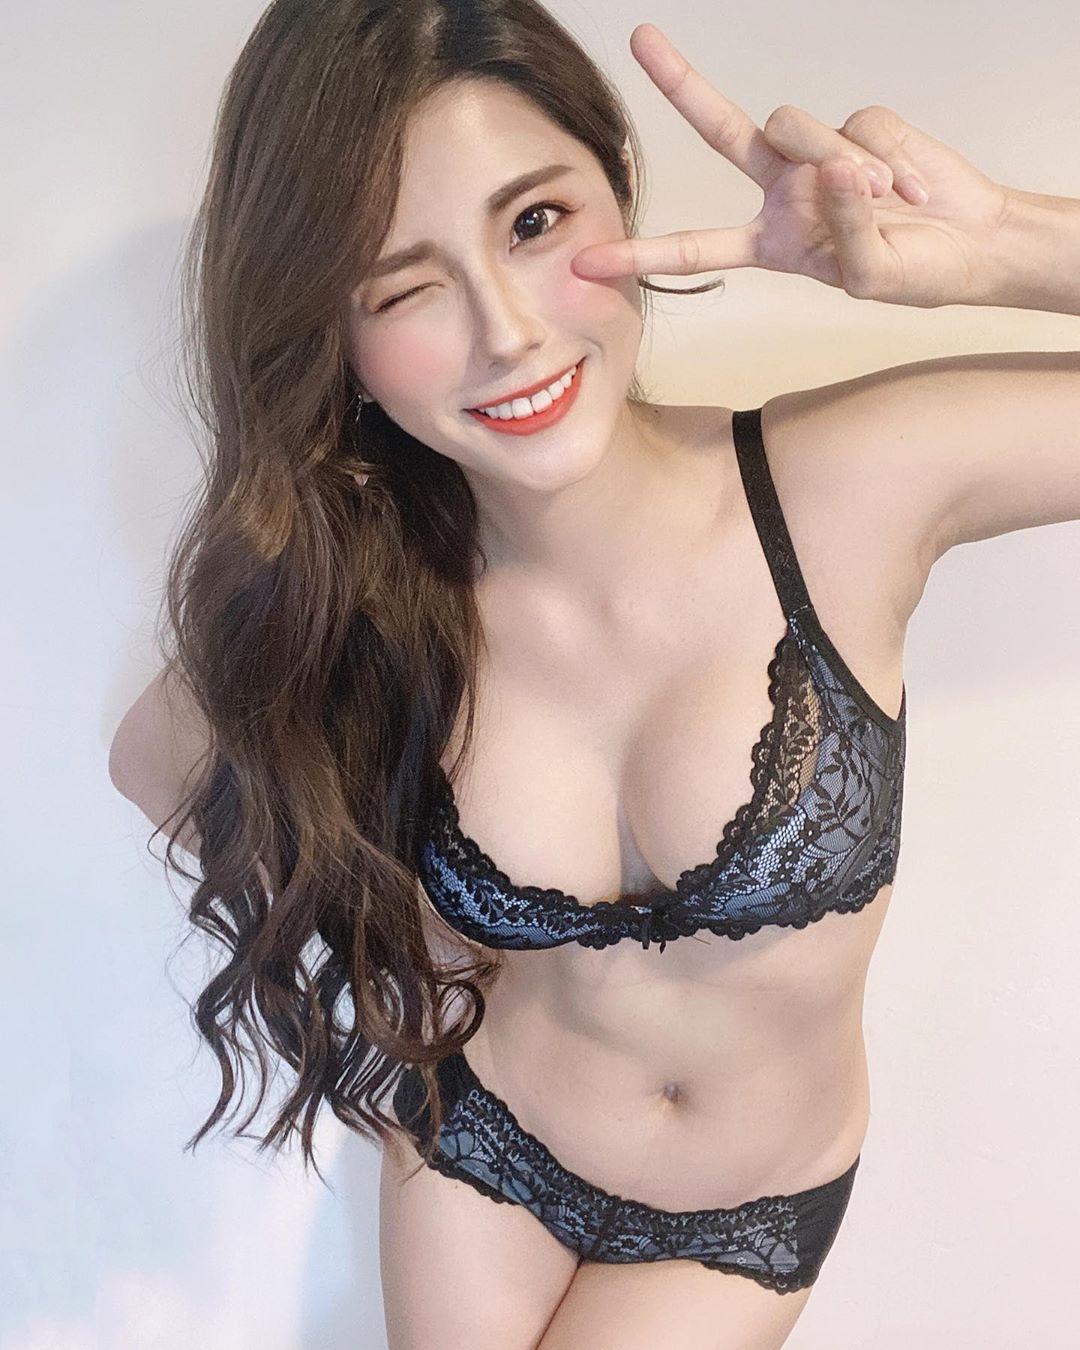 uCDQow - IG正妹—沐沐